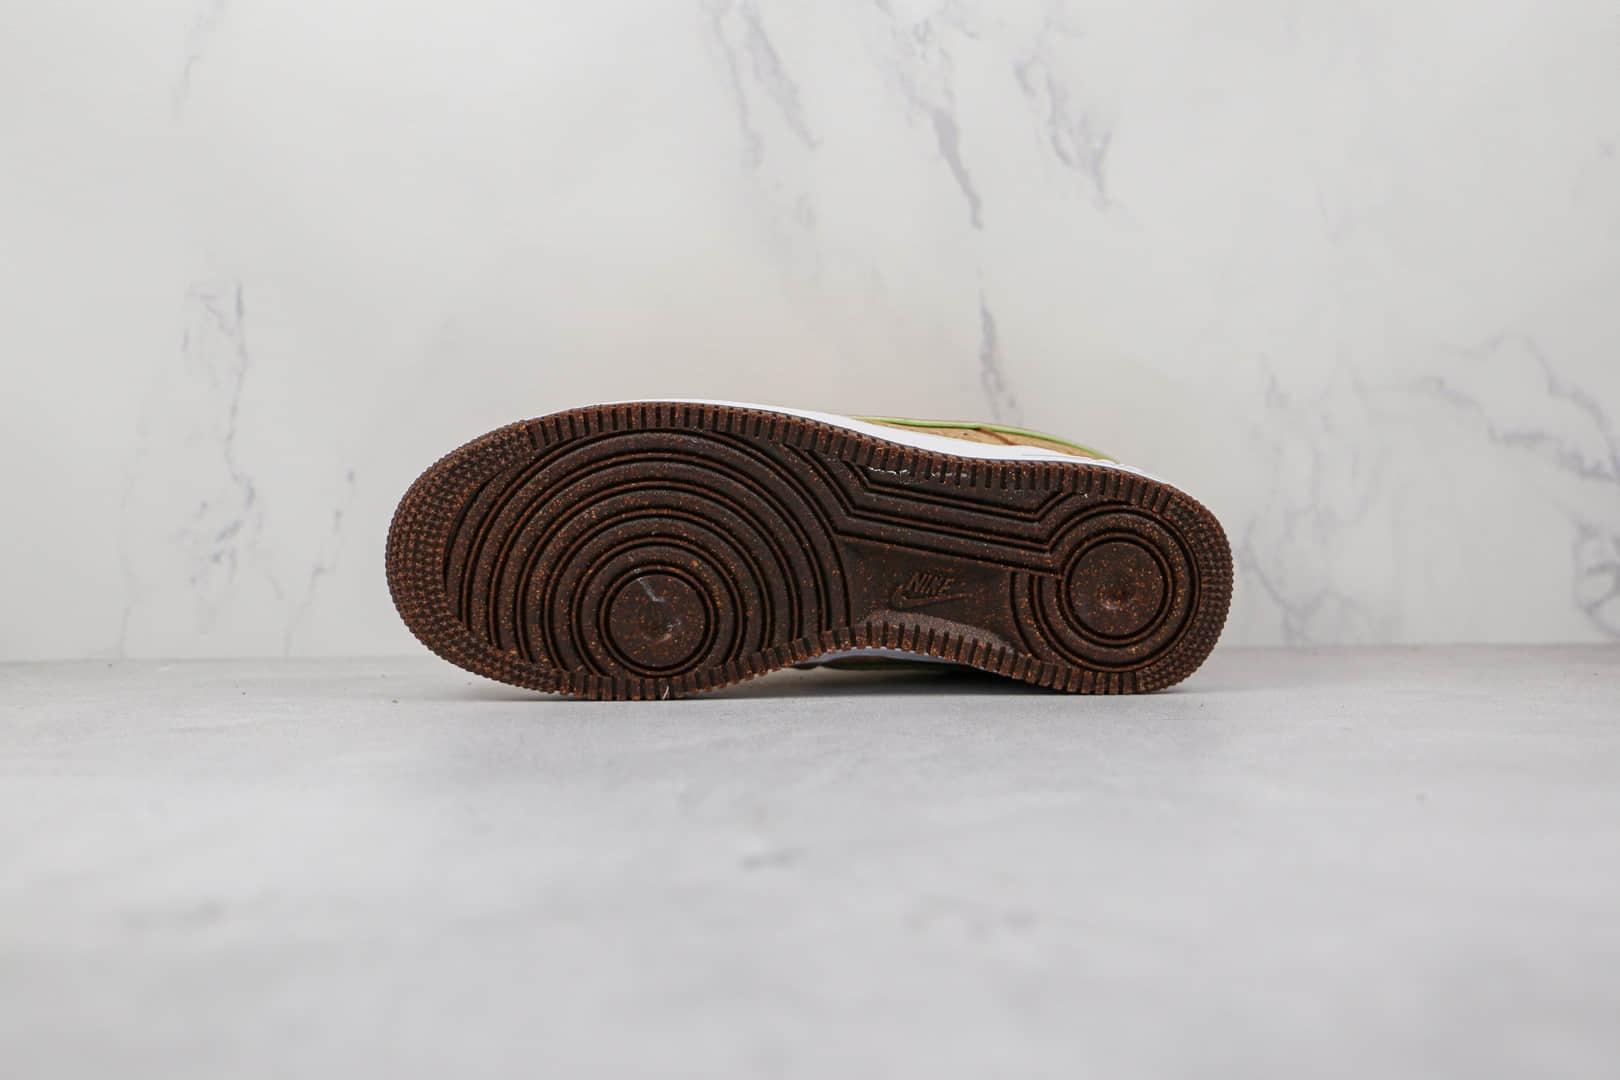 耐克Nike Air Force 1 07纯原版本低帮空军一号卡其色木屑配色板鞋原档案数据开发 货号:CZ0338-200